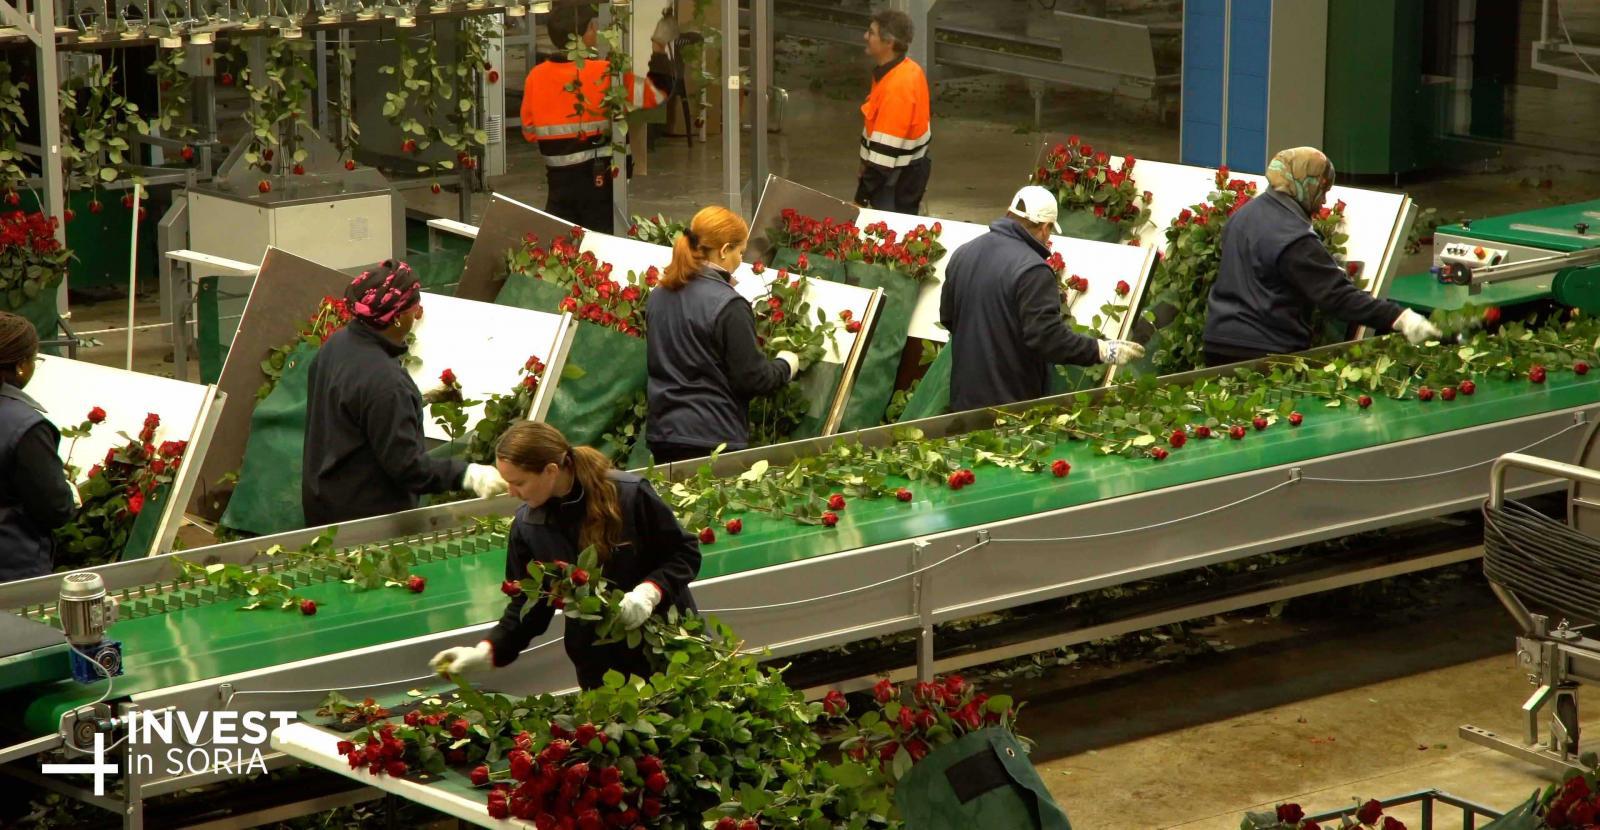 Frutas y vegetales/Flores/Fertilizantes